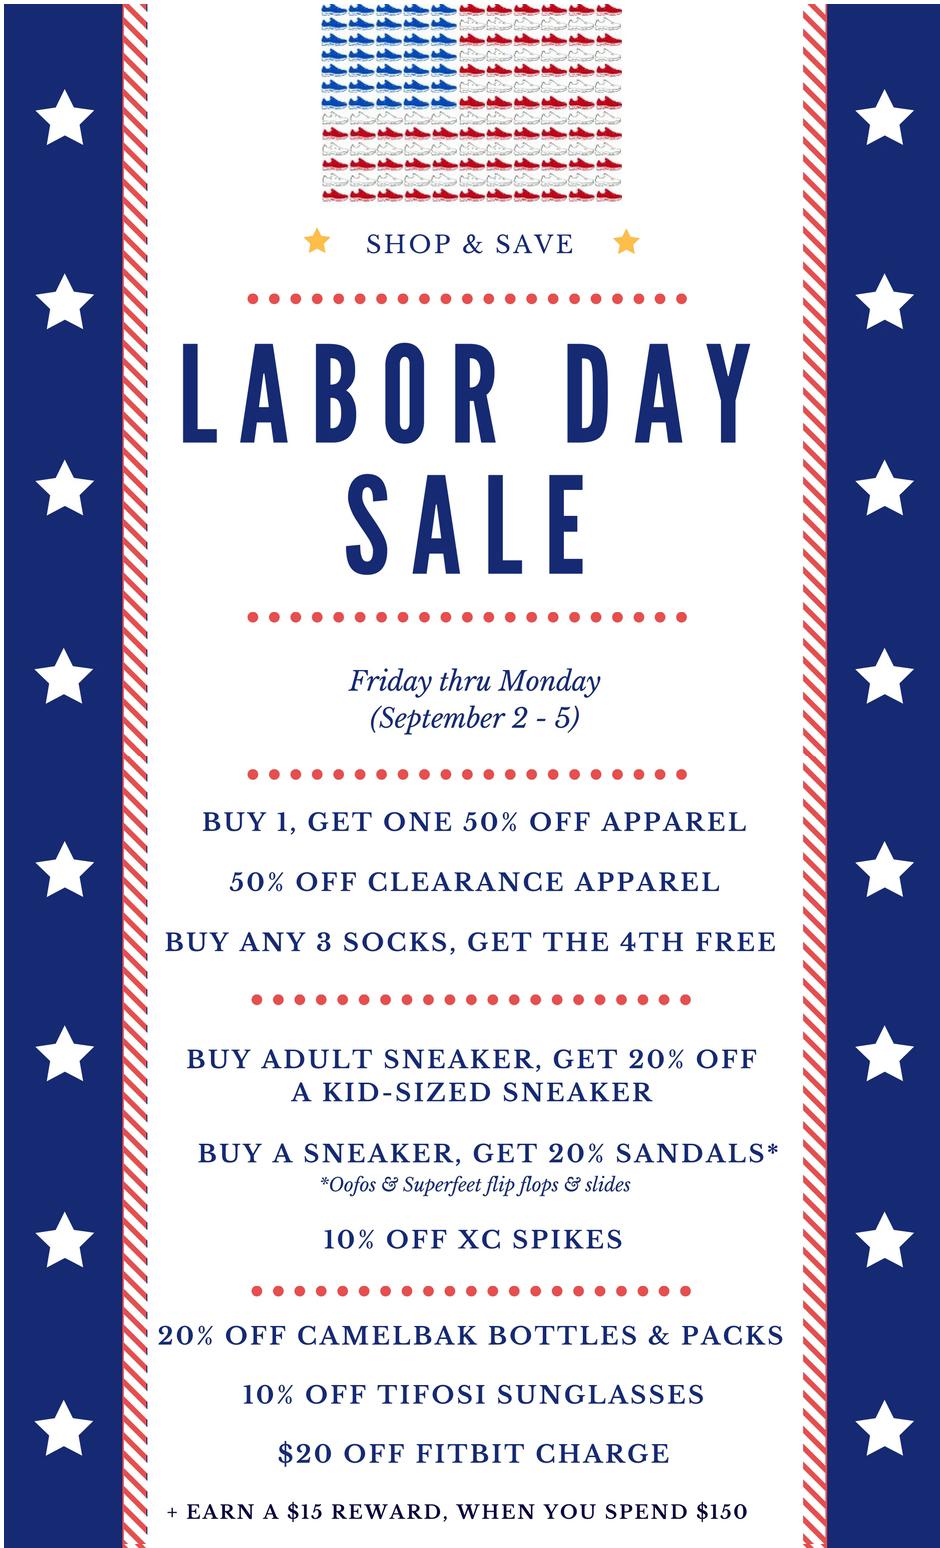 Labor Day Sale Details